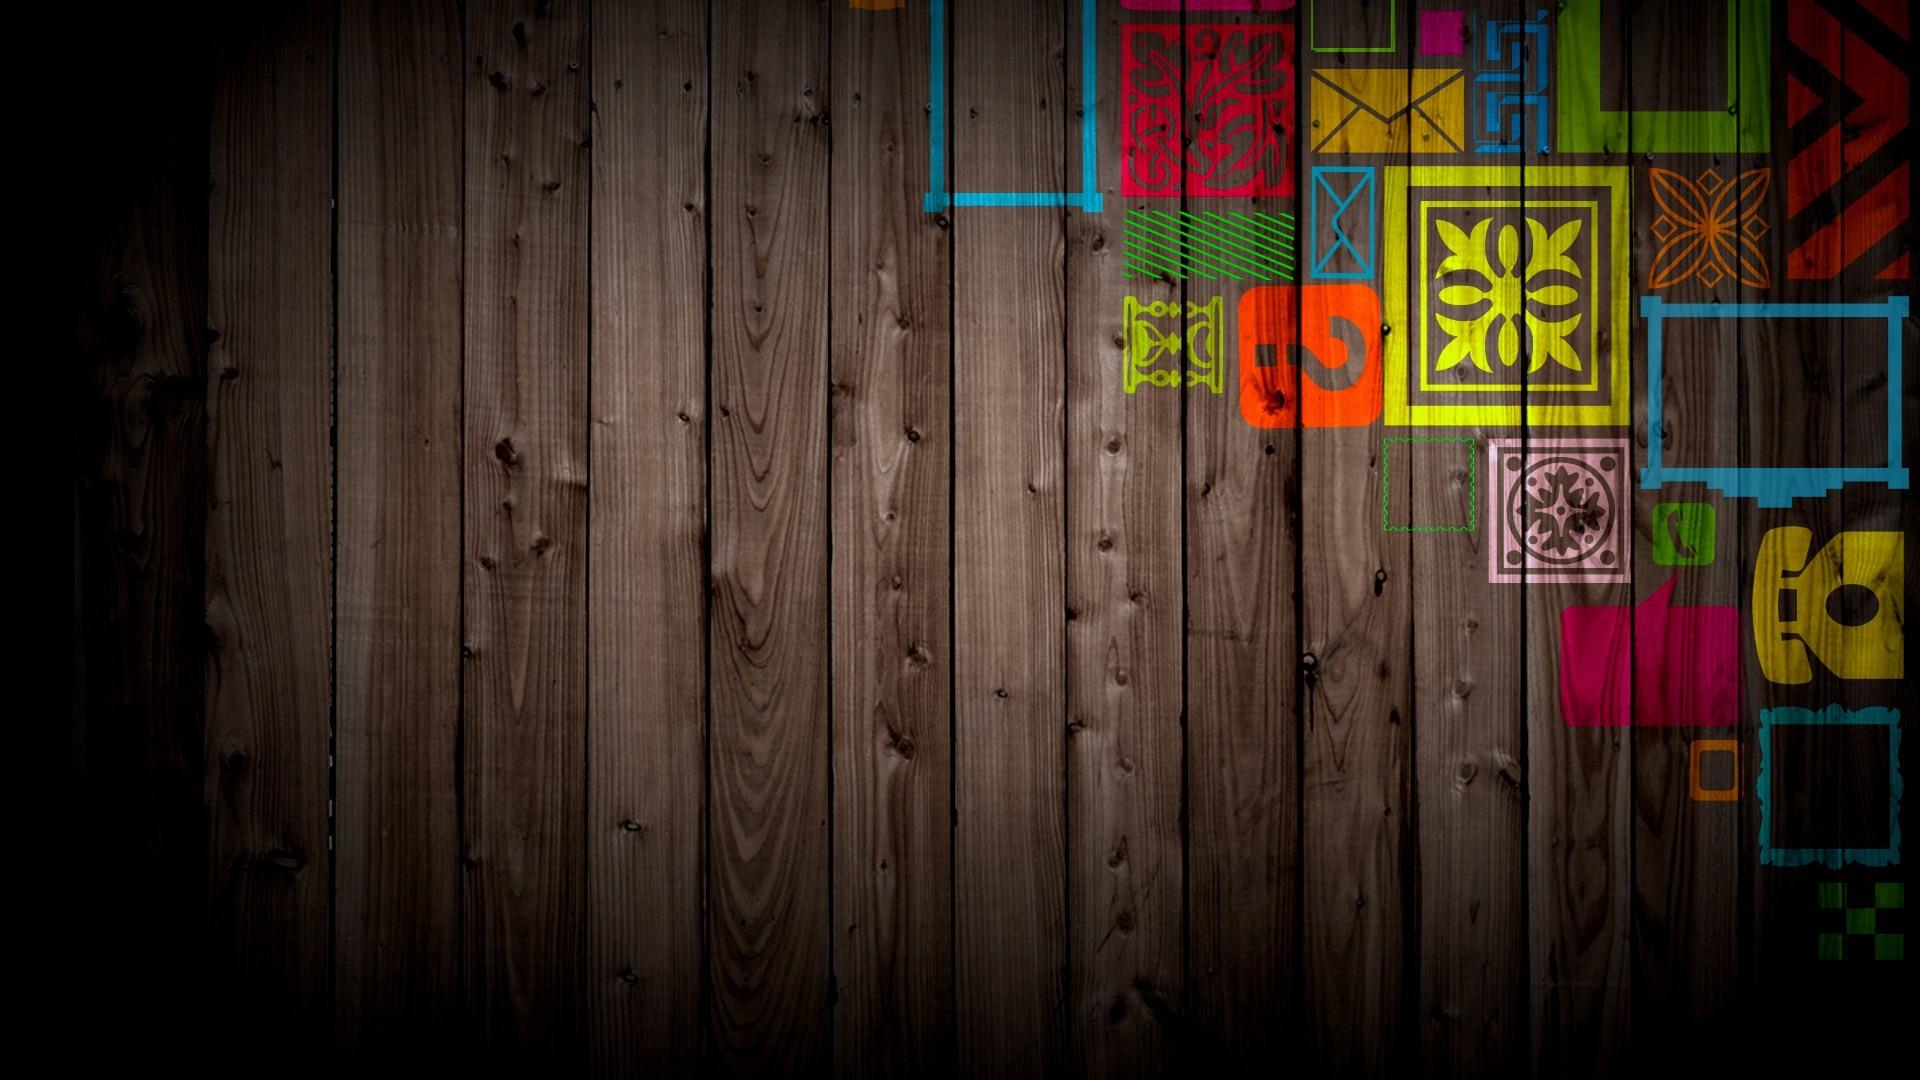 Cool 3D Abstract HD Desktop Wallpaper 52   Amazing Wallpaperz